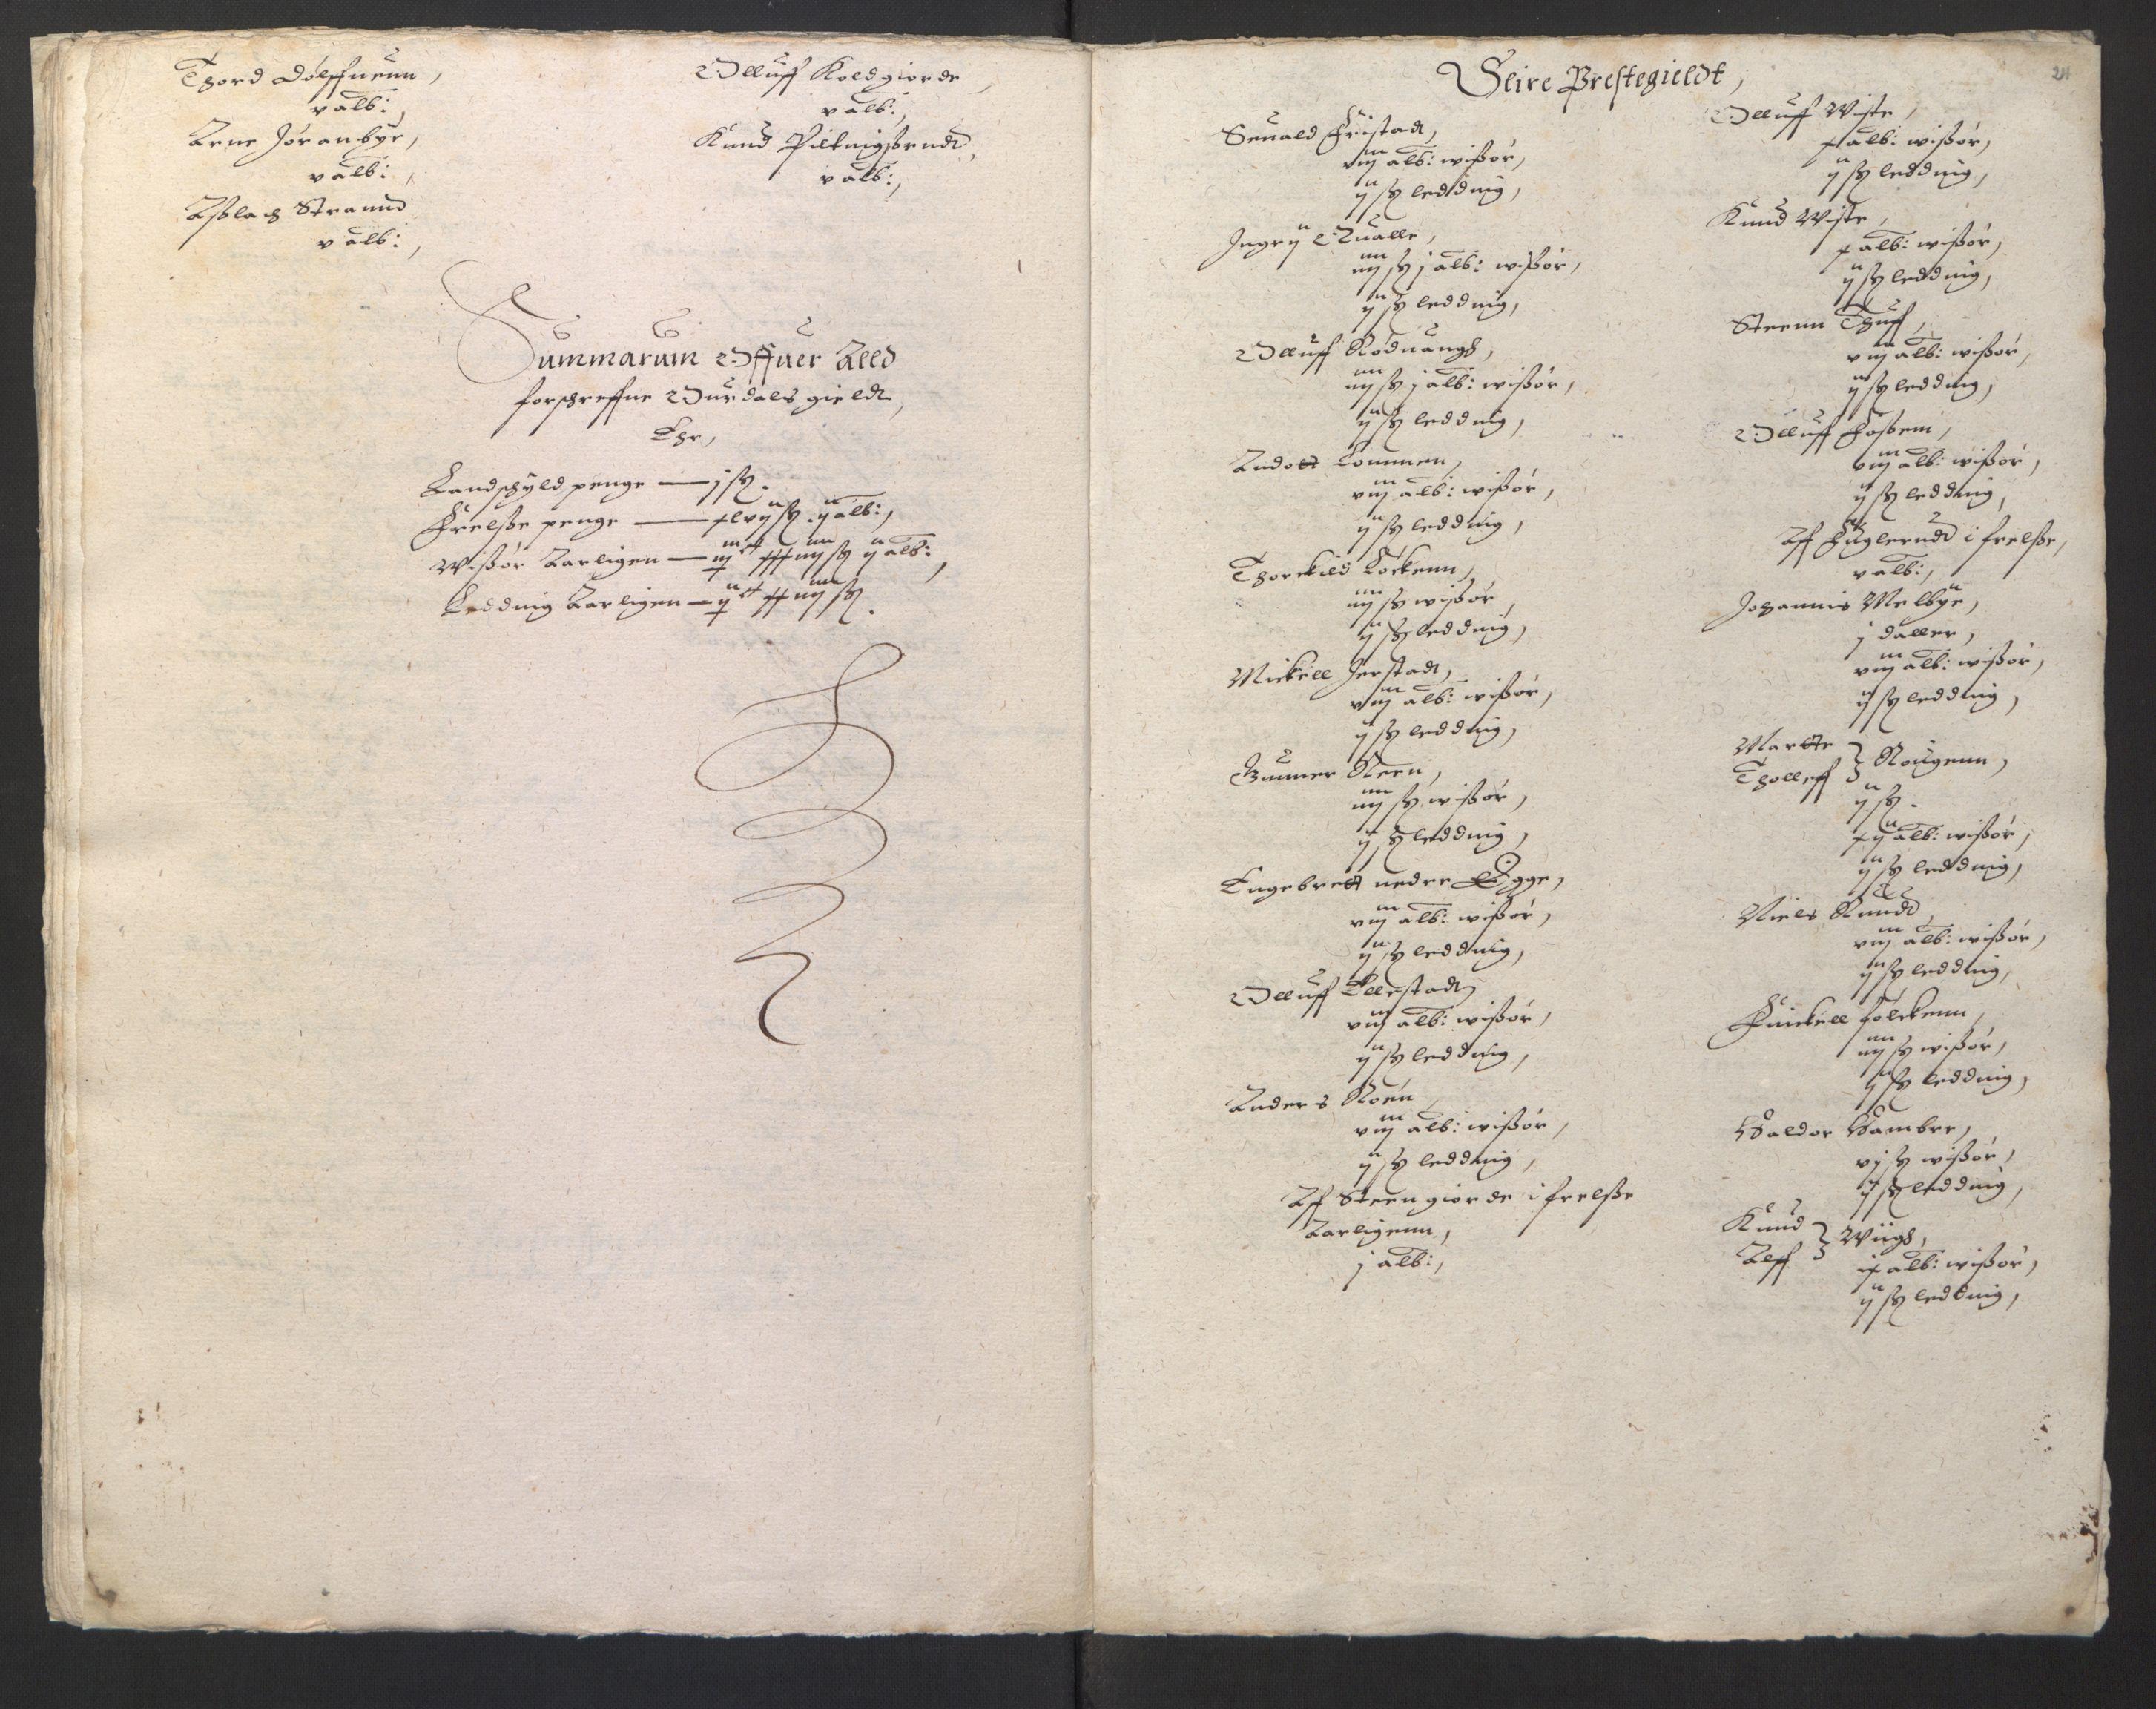 RA, Stattholderembetet 1572-1771, Ek/L0001: Jordebøker før 1624 og til utligning av garnisonsskatt 1624-1626:, 1624-1625, s. 91